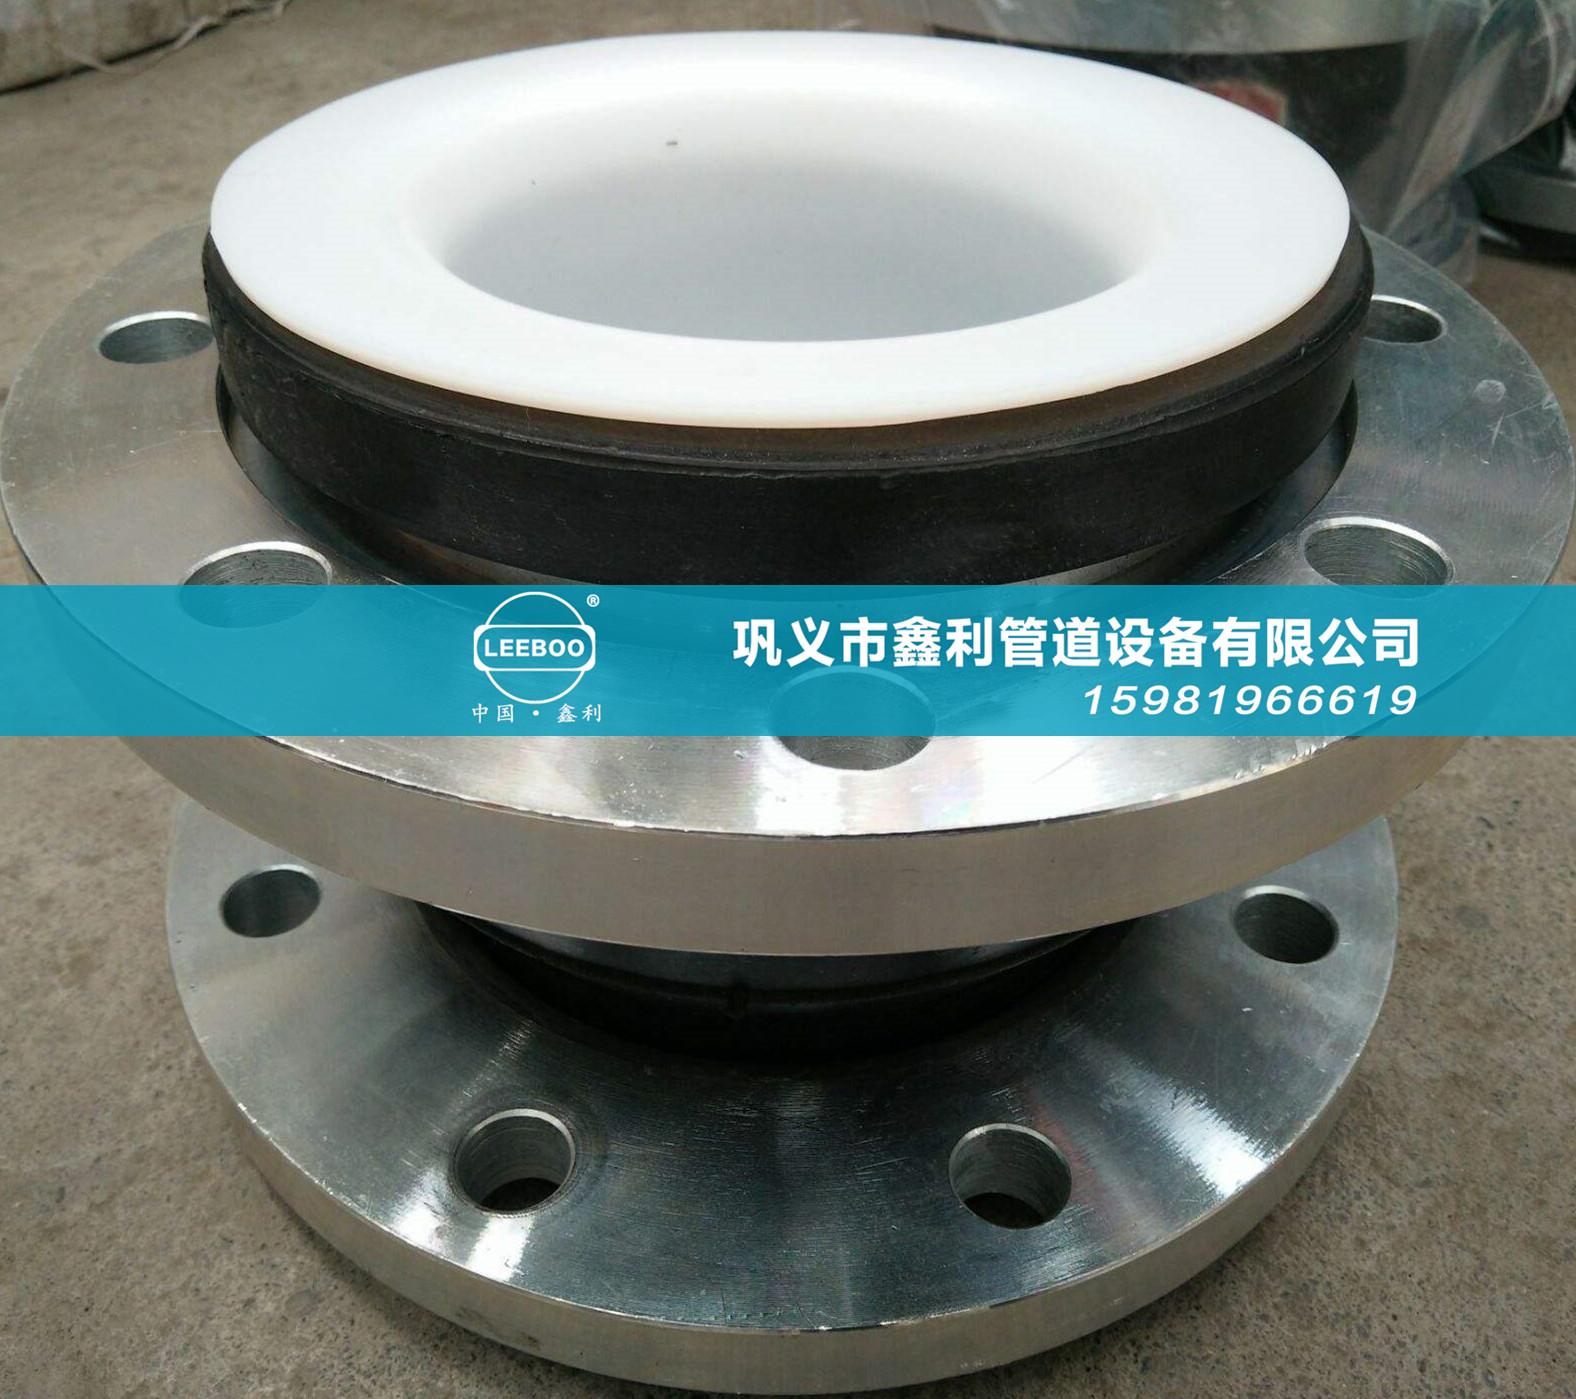 研究橡胶软接头与绝缘接头的安装区别